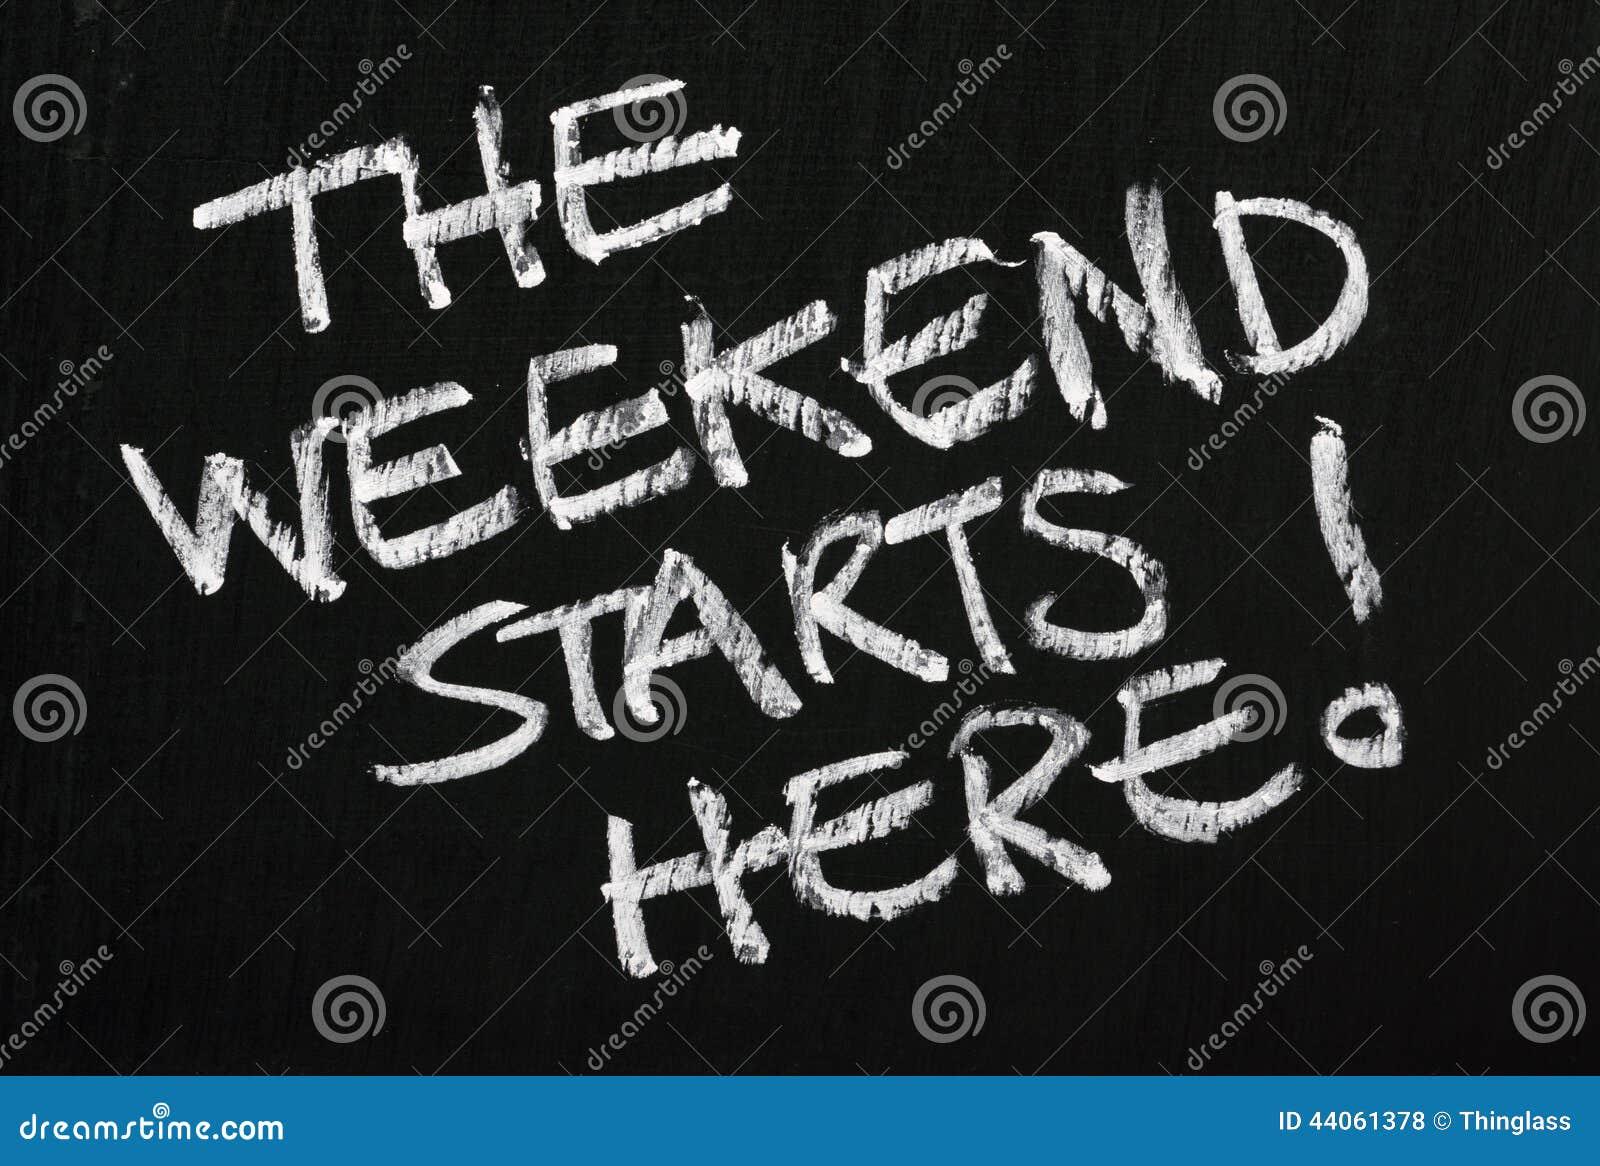 Il fine settimana comincia qui!